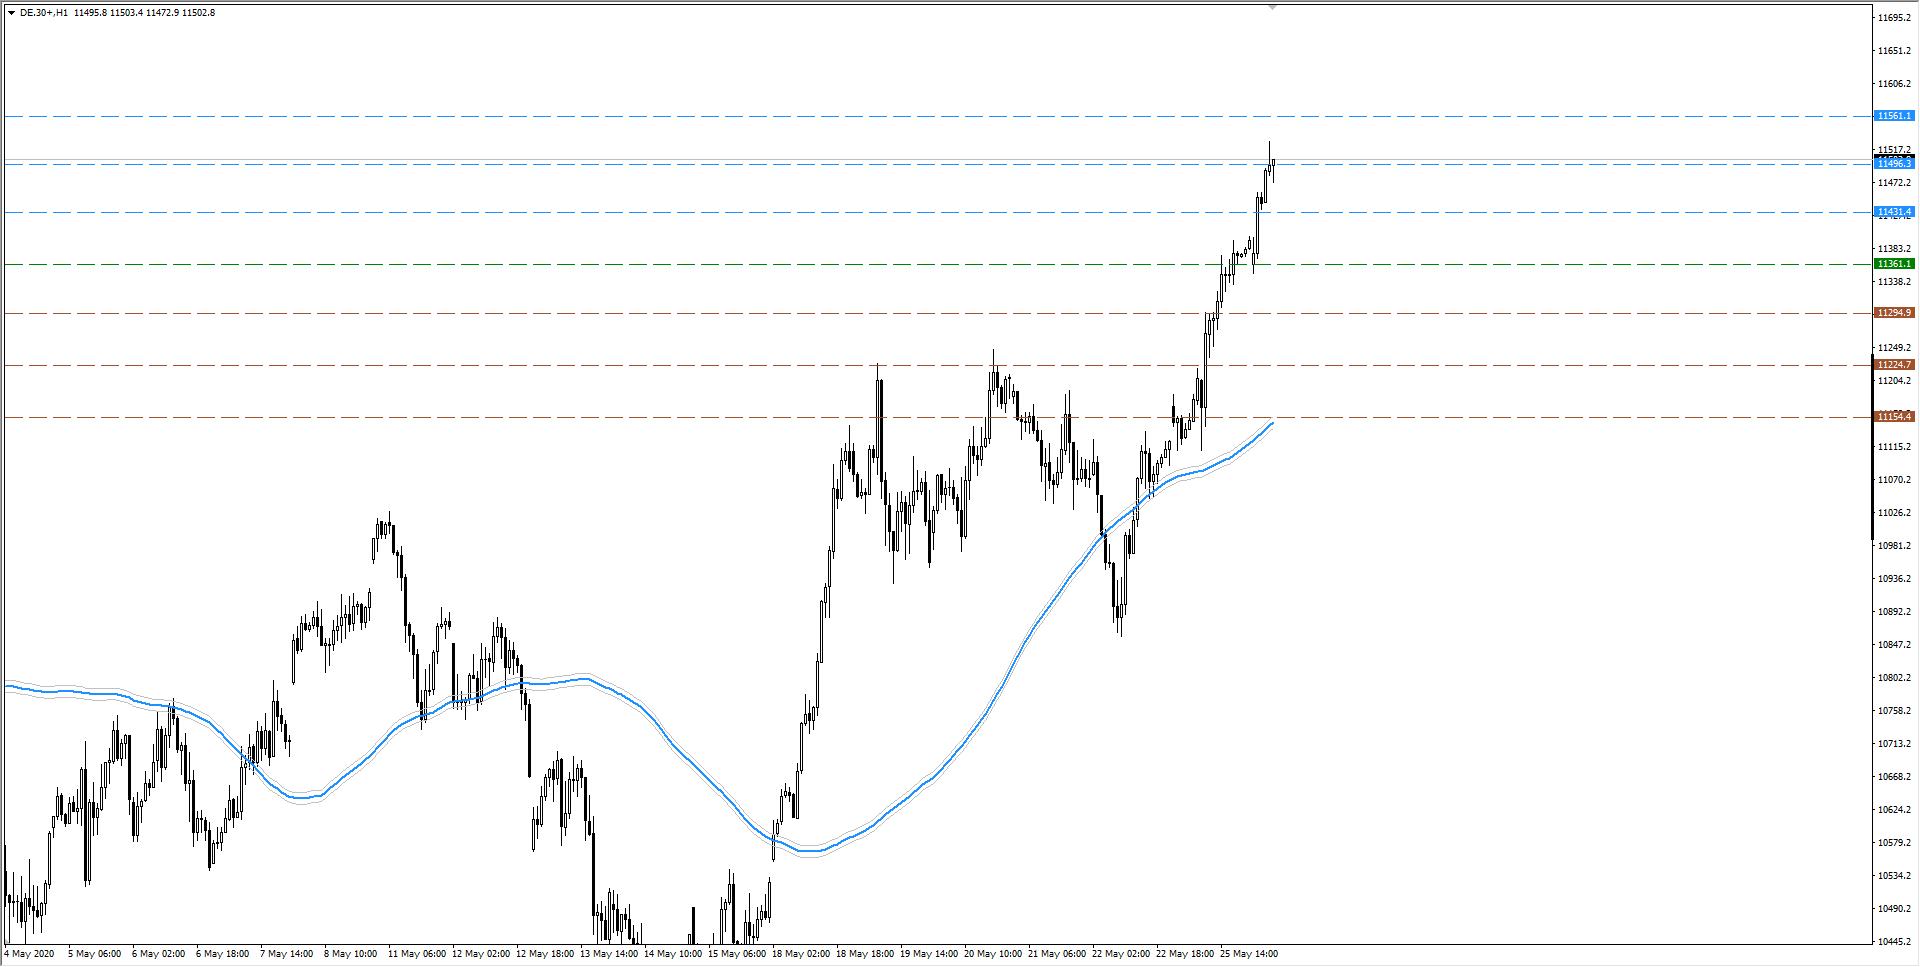 wykres DAX H1 26.05.2020 2